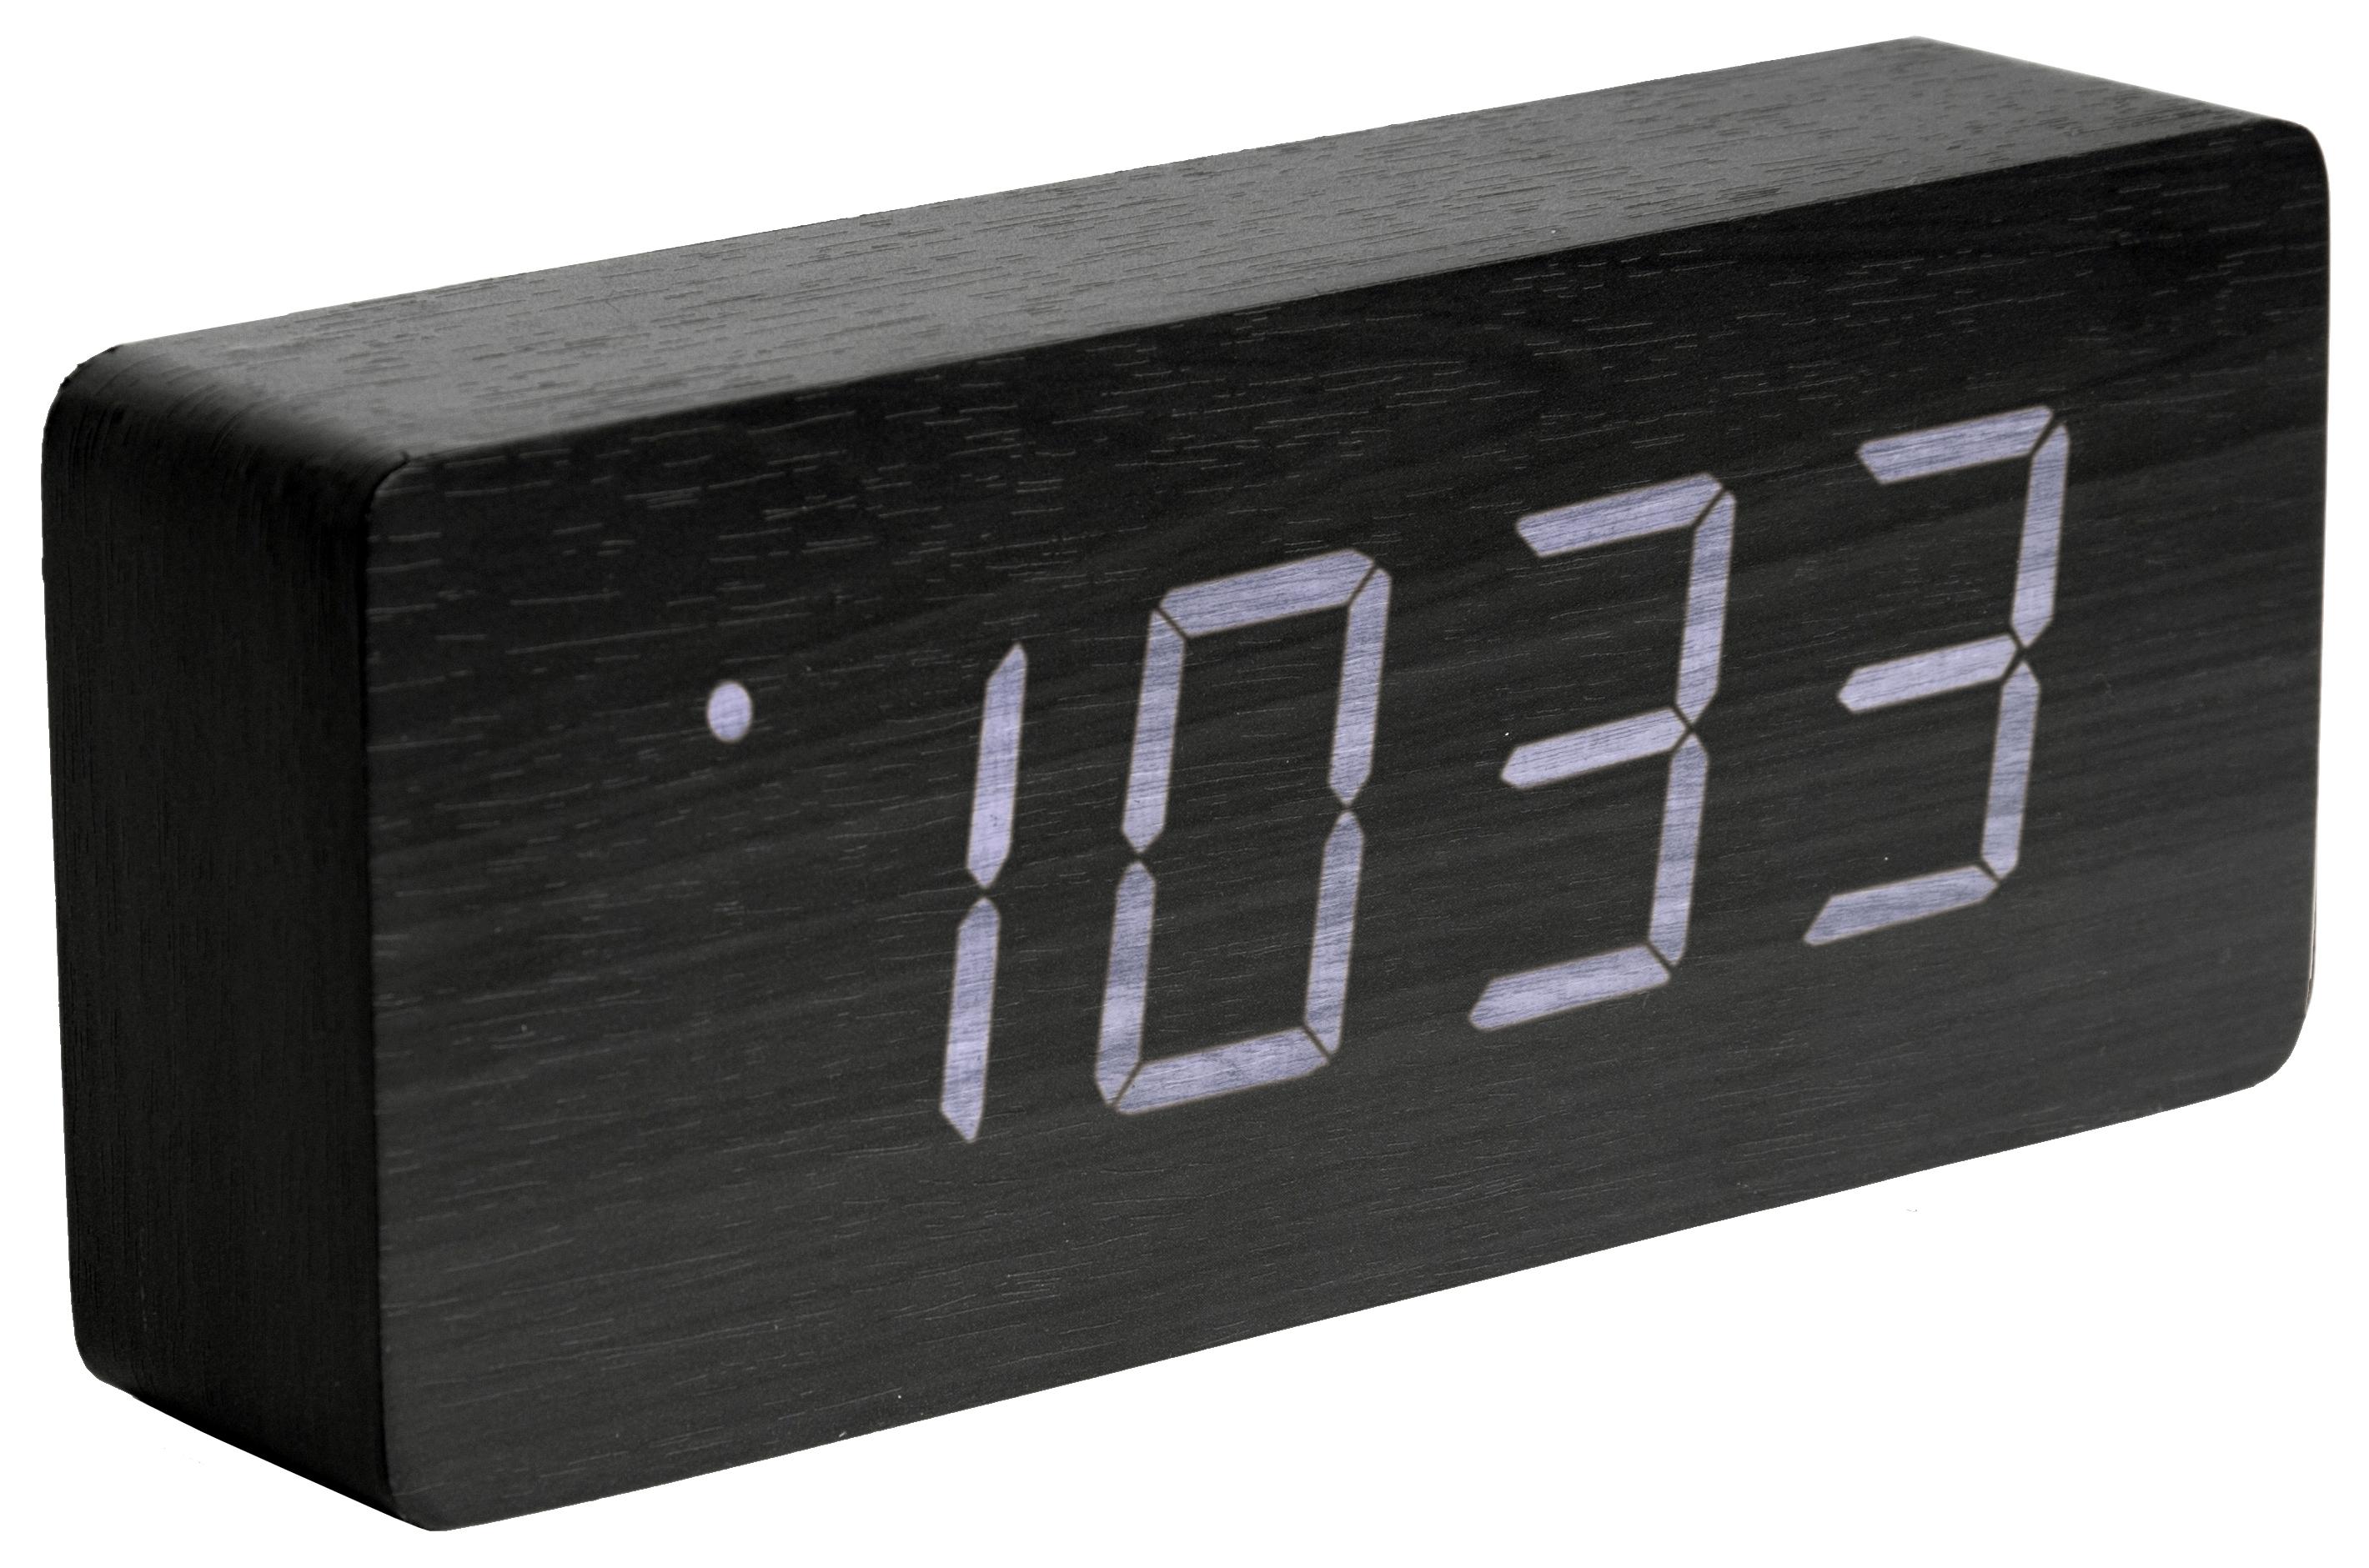 karlsson wecker tischuhr led tube ka5654bk g nstig auf kaufen wanduhren tischuhren. Black Bedroom Furniture Sets. Home Design Ideas